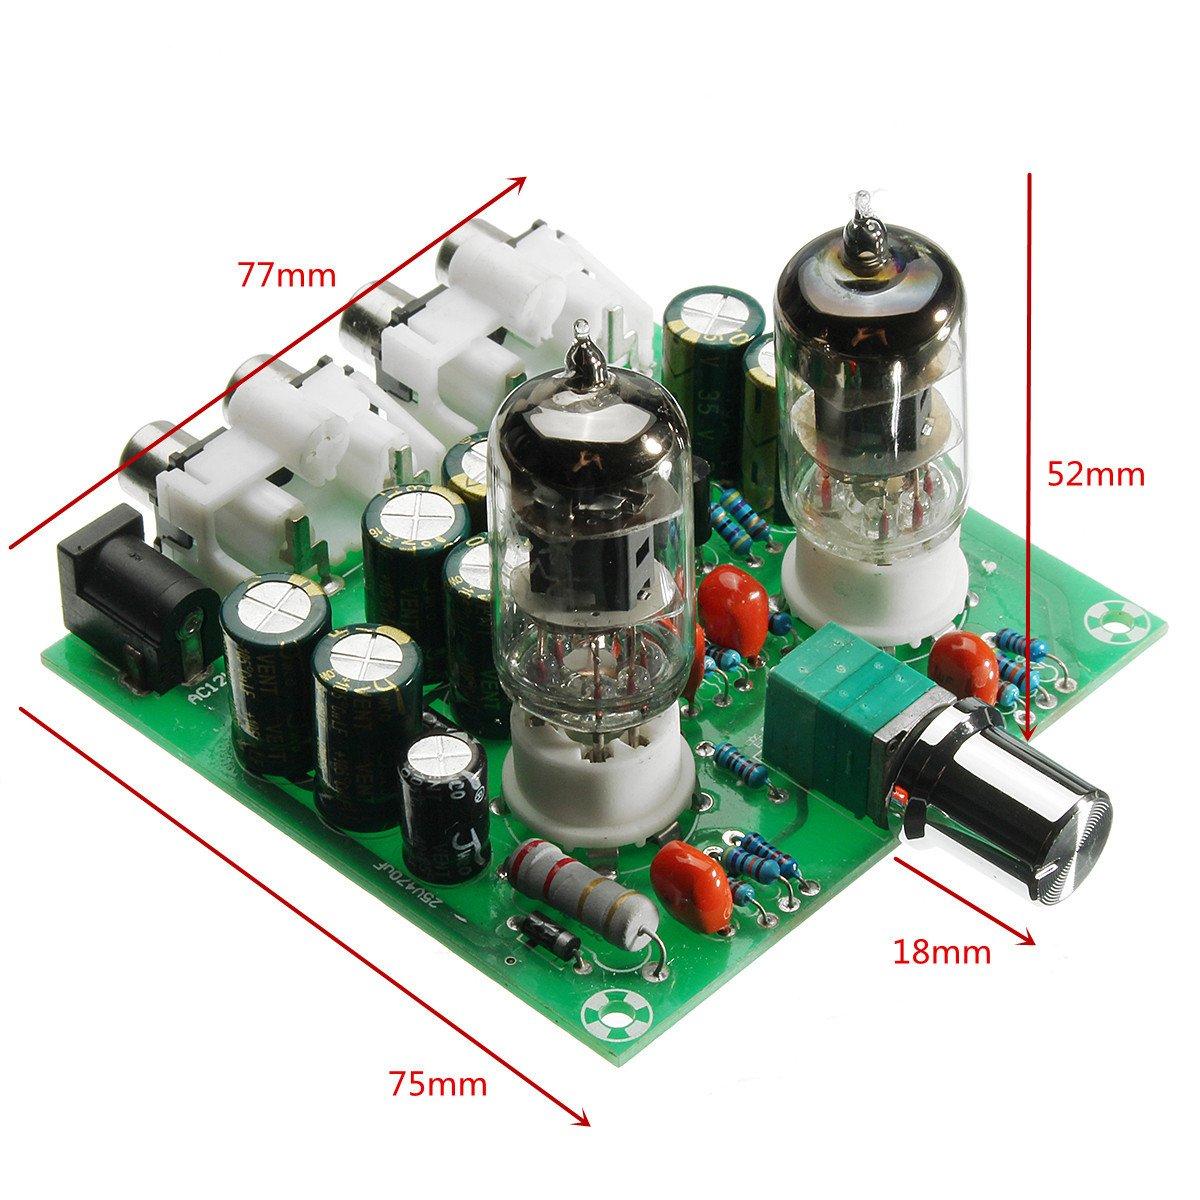 SODIAL CA 12V 6J1 Tubo de preamplificador de valvula Tablero de preamplificador Caja de bufer del amplificador de auriculares: Amazon.es: Electrónica